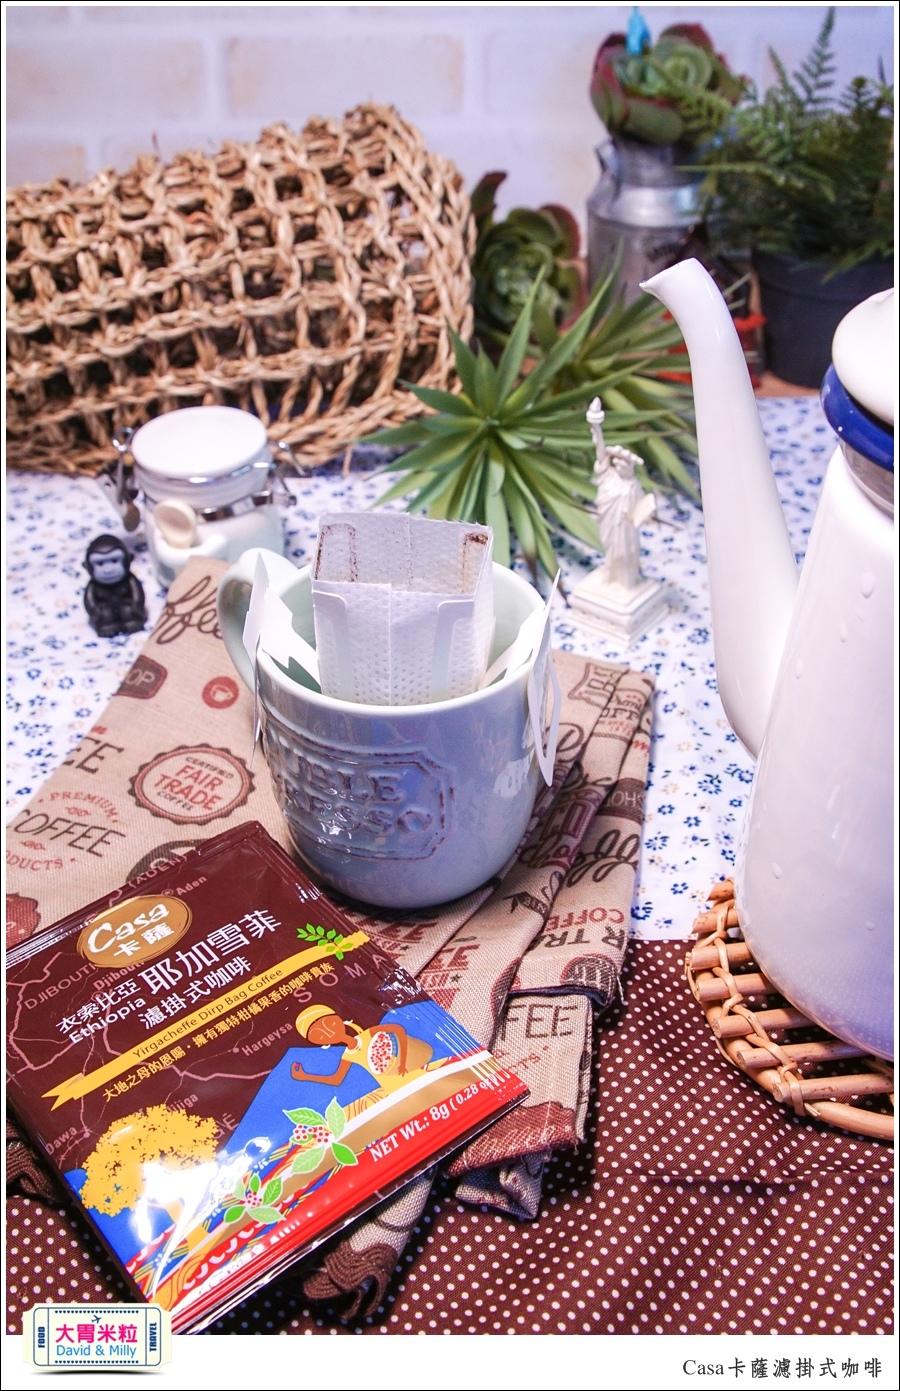 CASA卡薩濾掛式咖啡推薦-耶加雪菲咖啡@大胃米粒0009.jpg